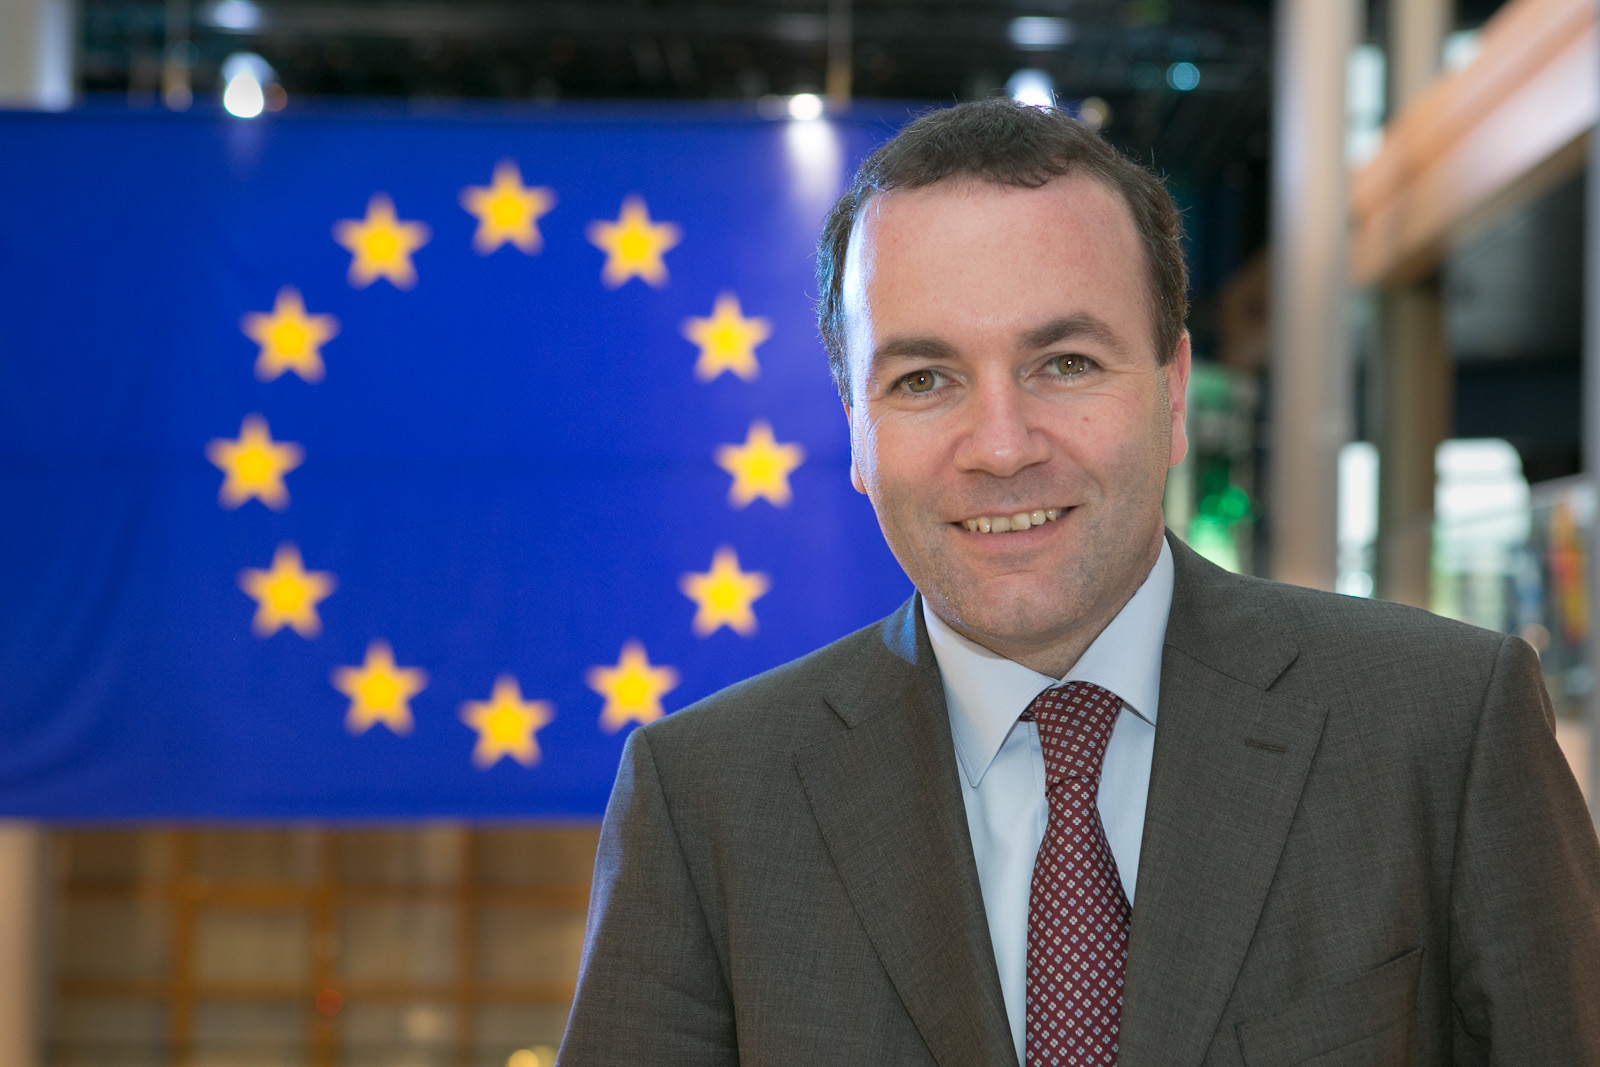 Manfred Weber, MdEP - In Brüssel trägt er meist Anzug, zu Hause in Bayern gerne auch Janker, (c) Manfred Weber